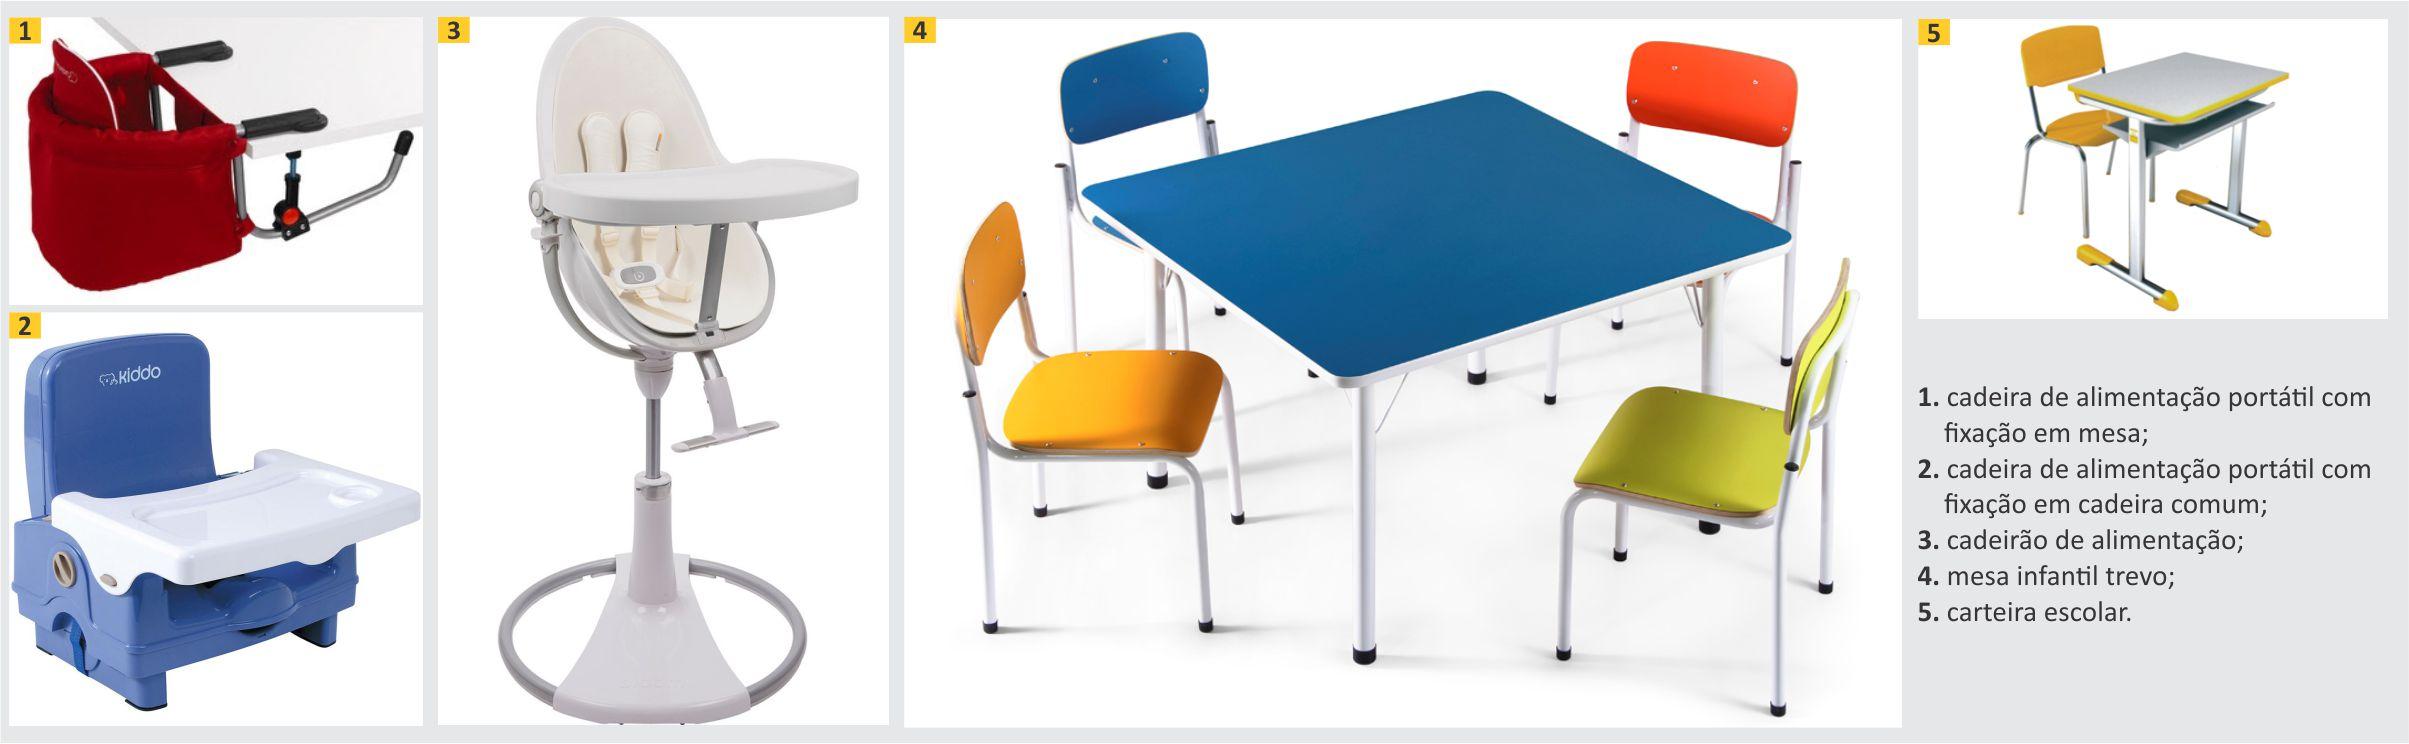 cadeiras para estimulação visual